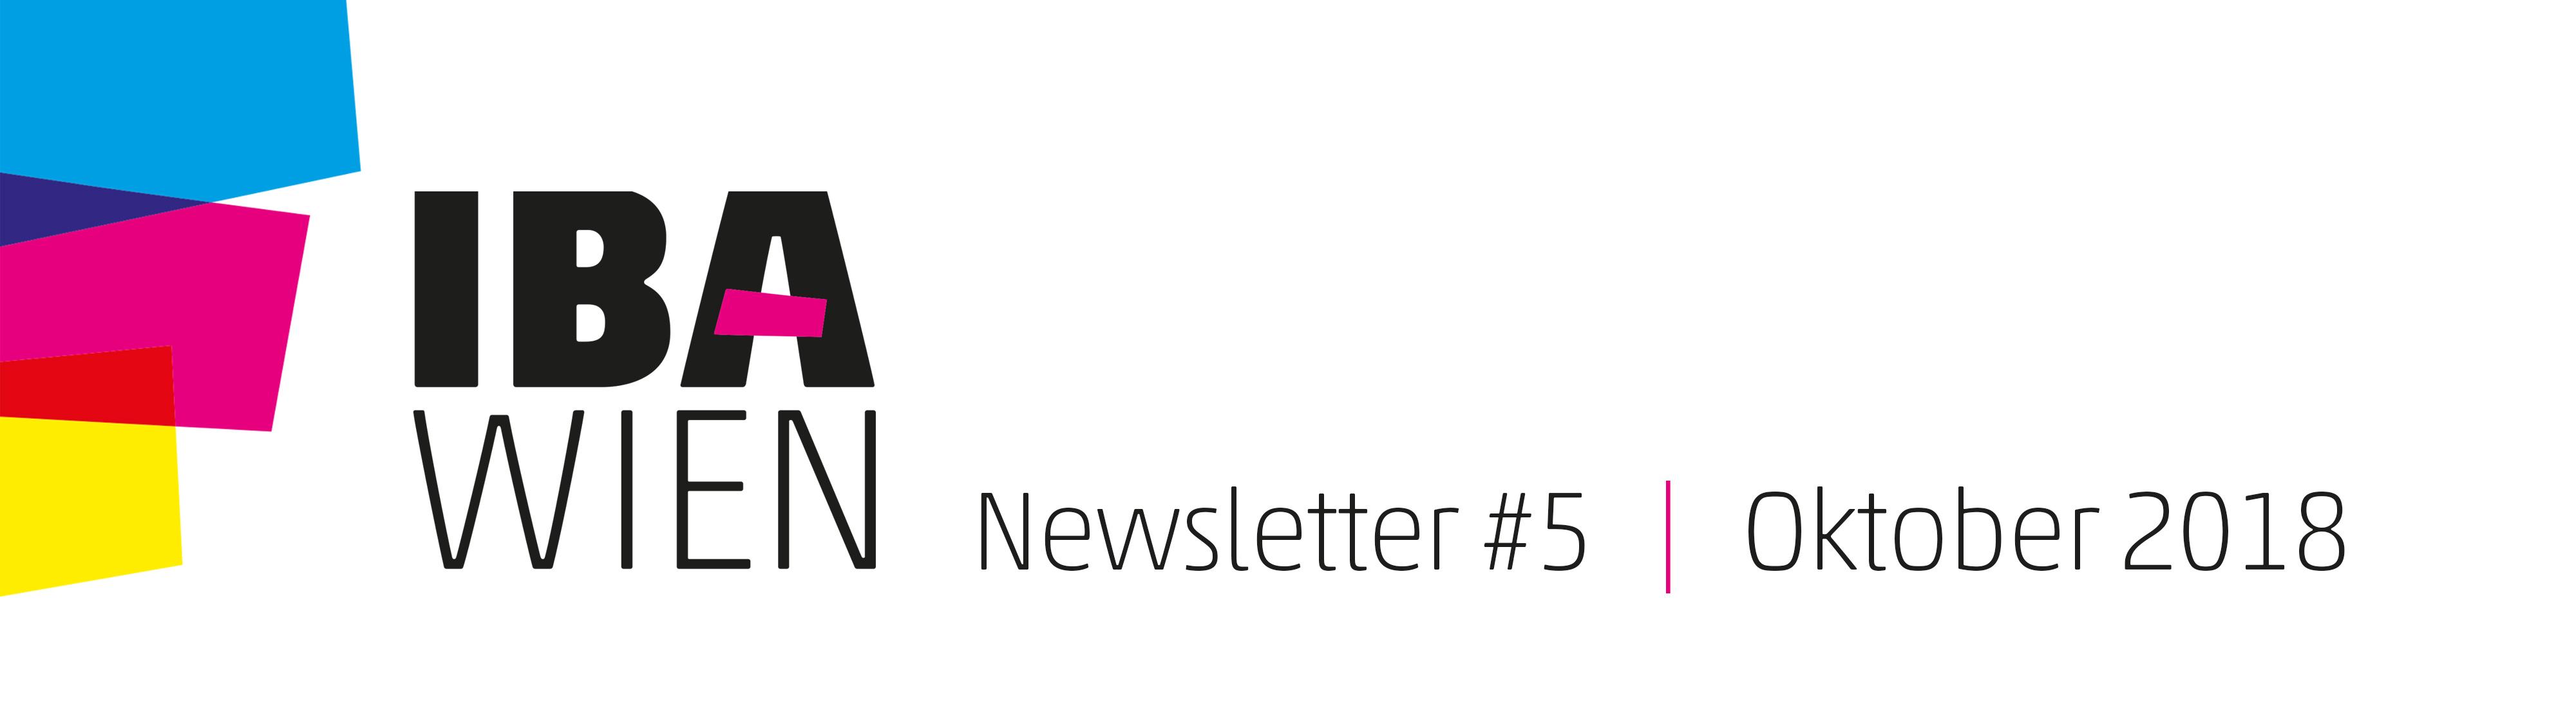 IBA_Wien Newsletter #5